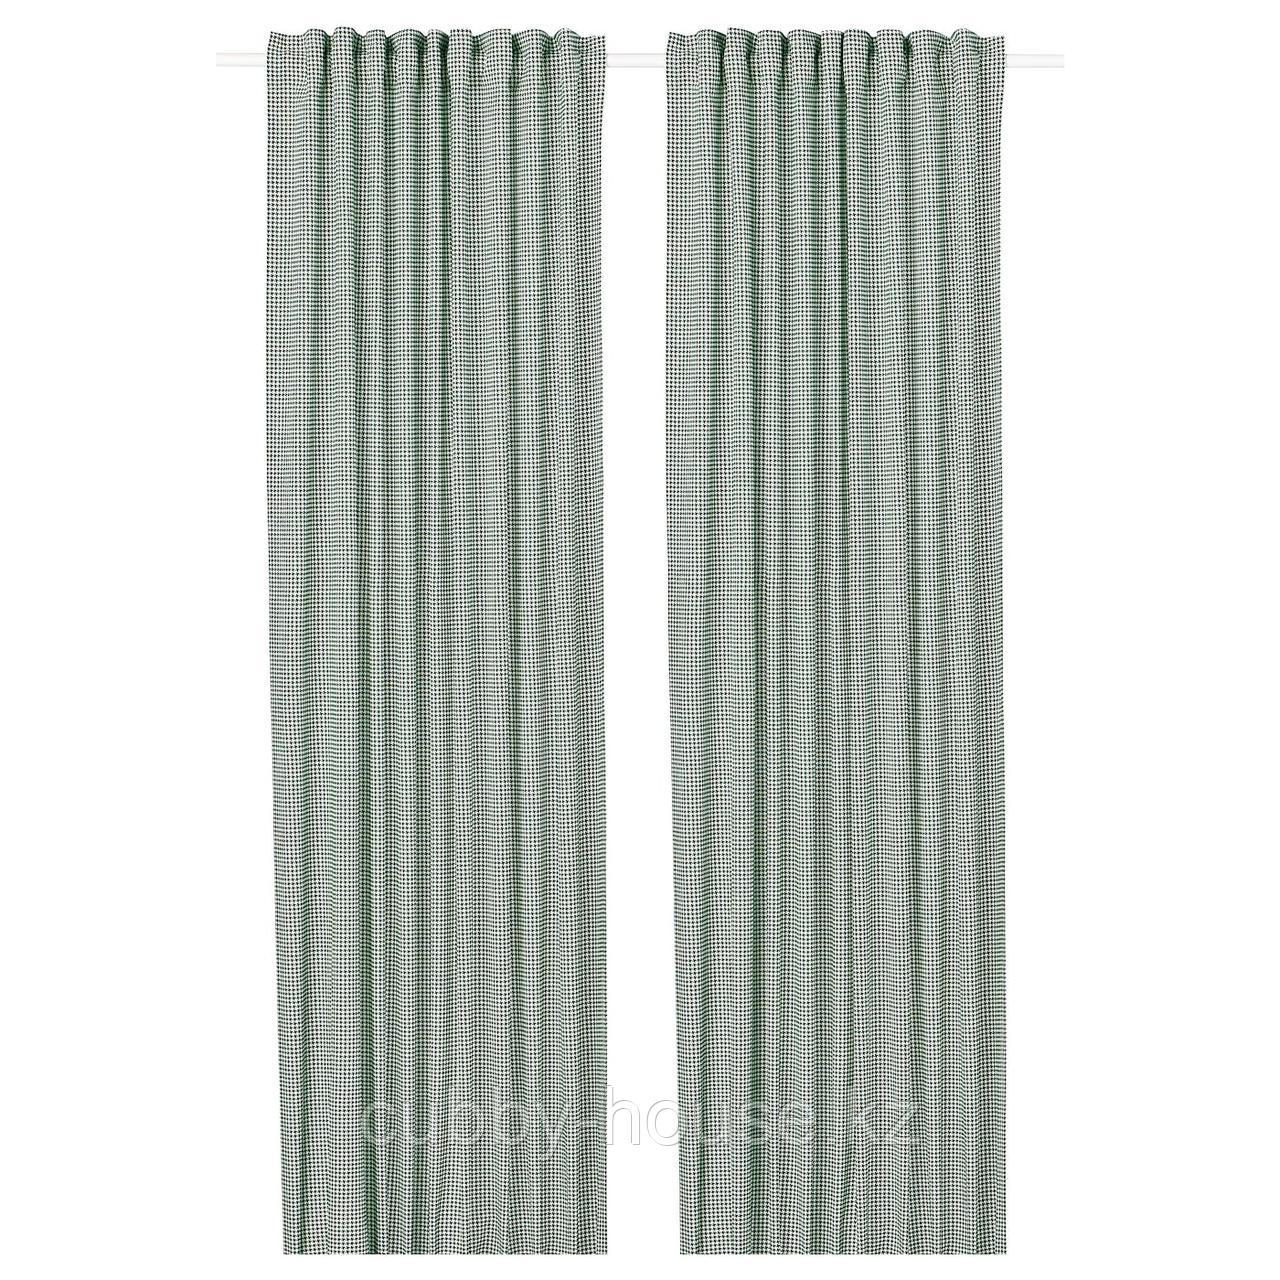 ОРДЕНСФЛИ Гардины, 1 пара, бел/зелен, 145x300 см